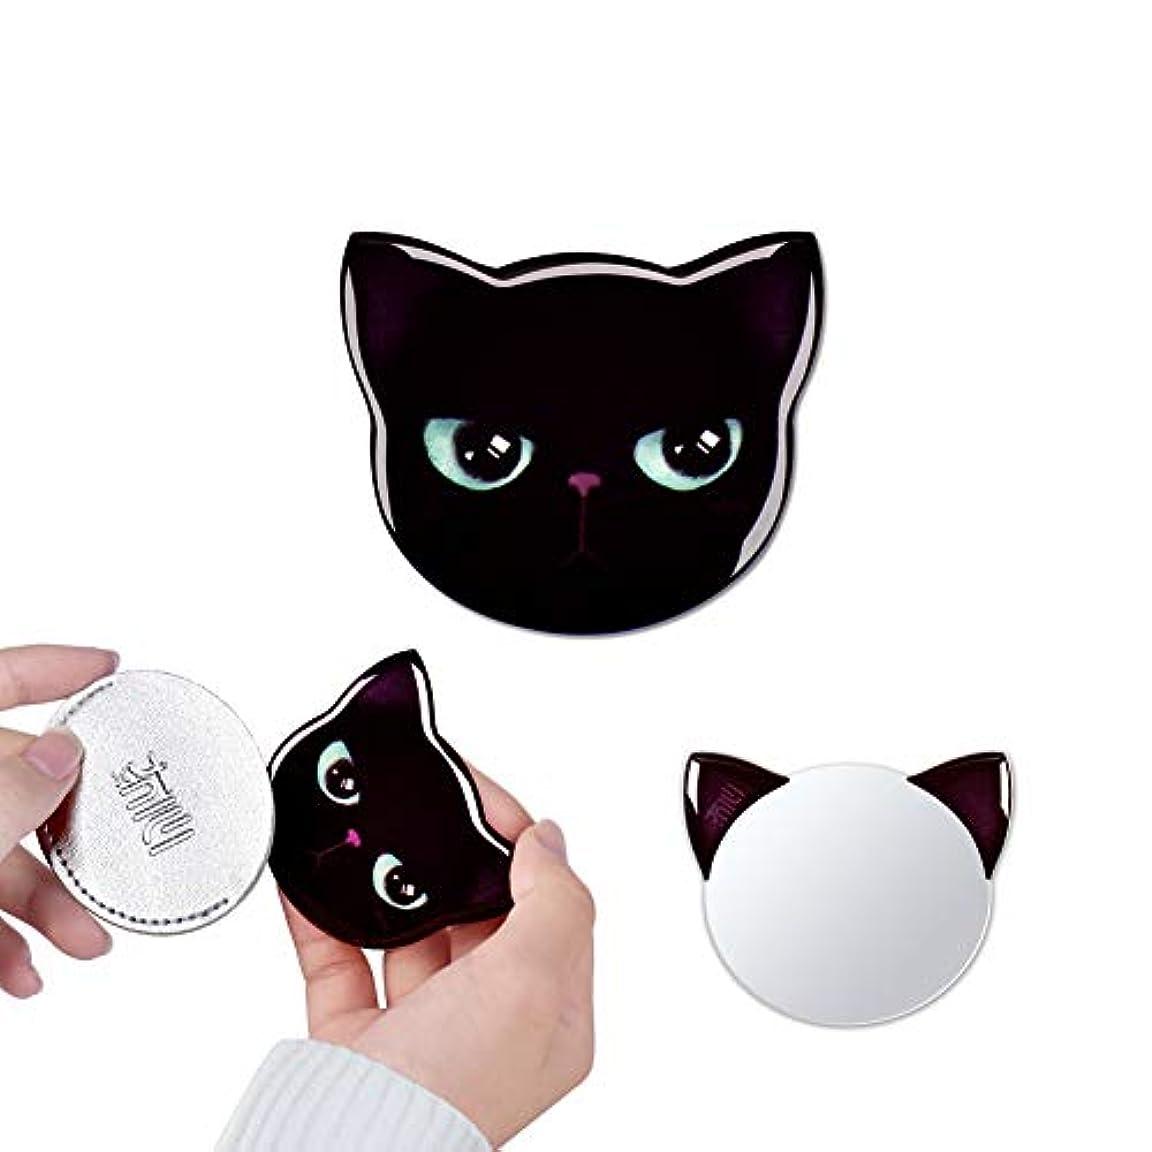 離す天皇どんなときも携帯ミラー 手鏡 コンパクト 猫柄 8パタン 収納袋付き 割れない 鏡 おしゃれ コンパクトミラー ハンドミラー かわいい (コタロウ)